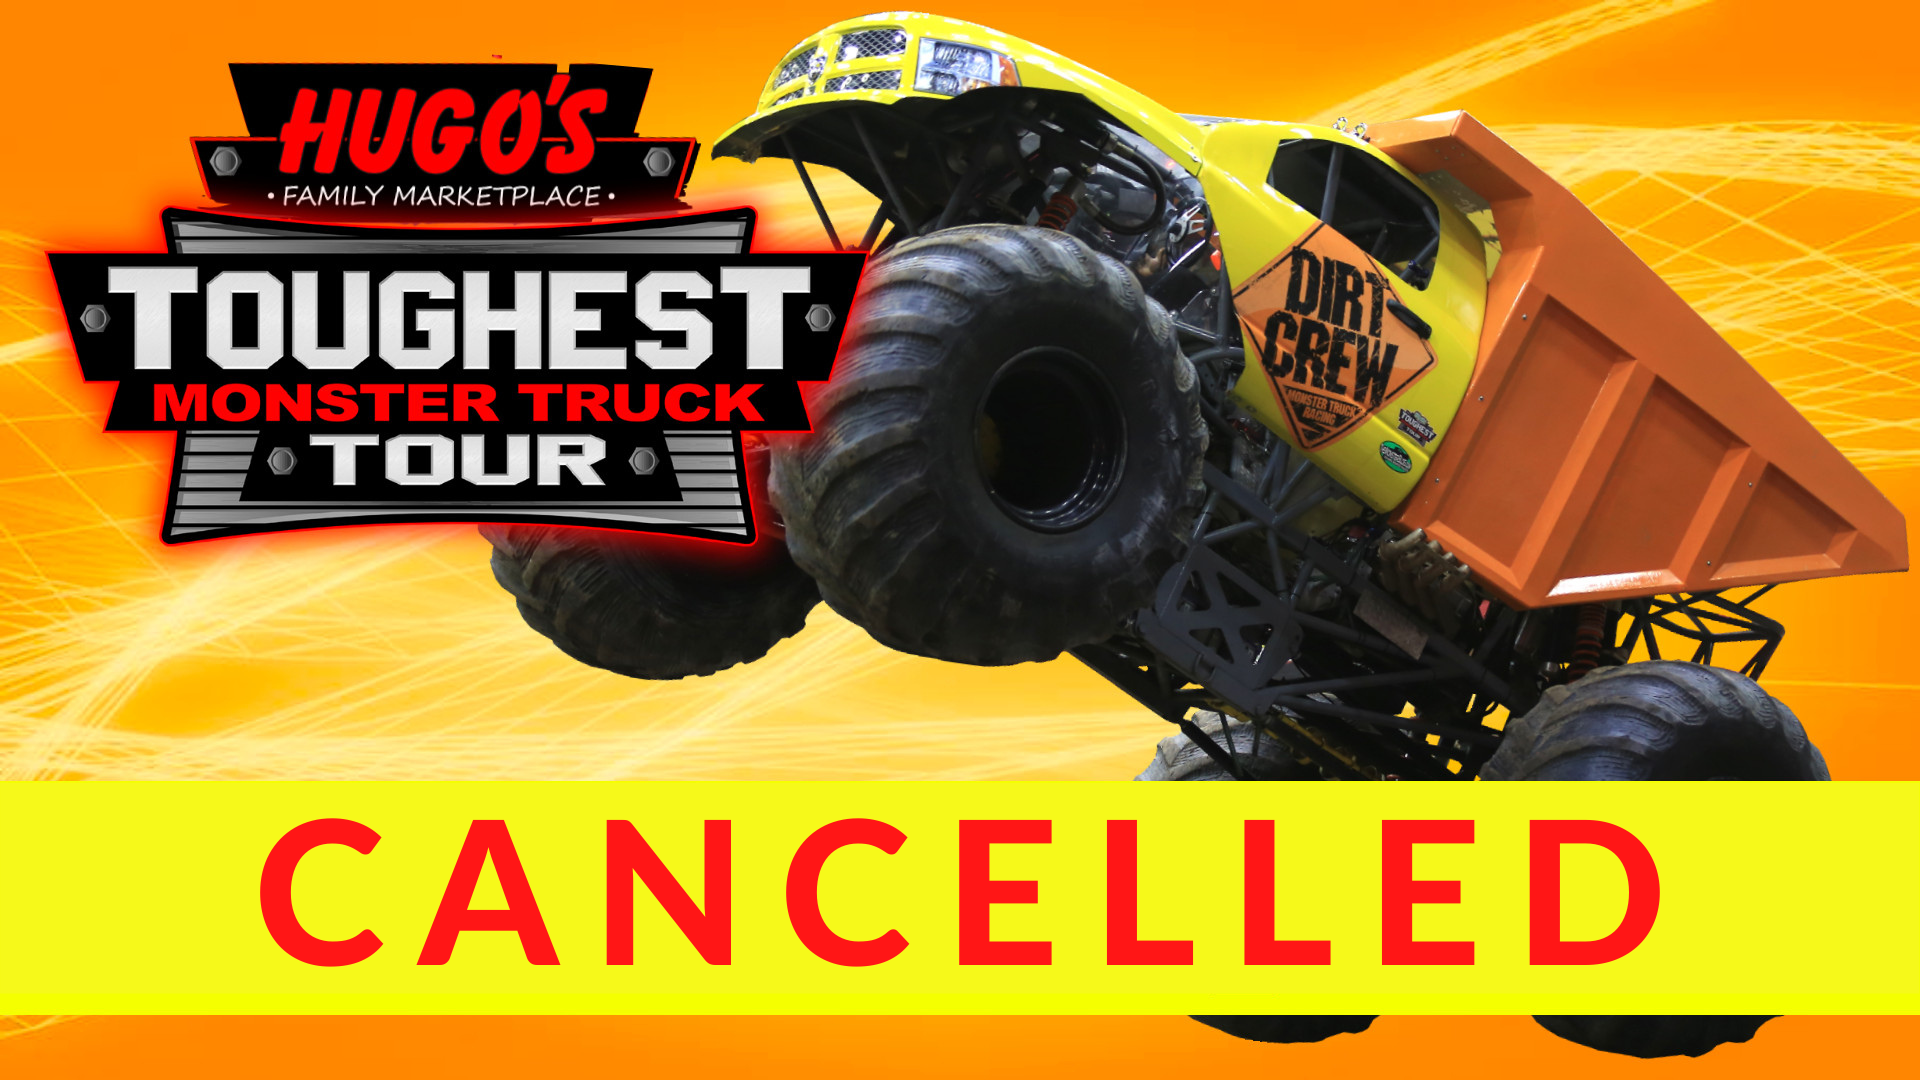 Hugo's Toughest Monster Truck Tour CANCELLED